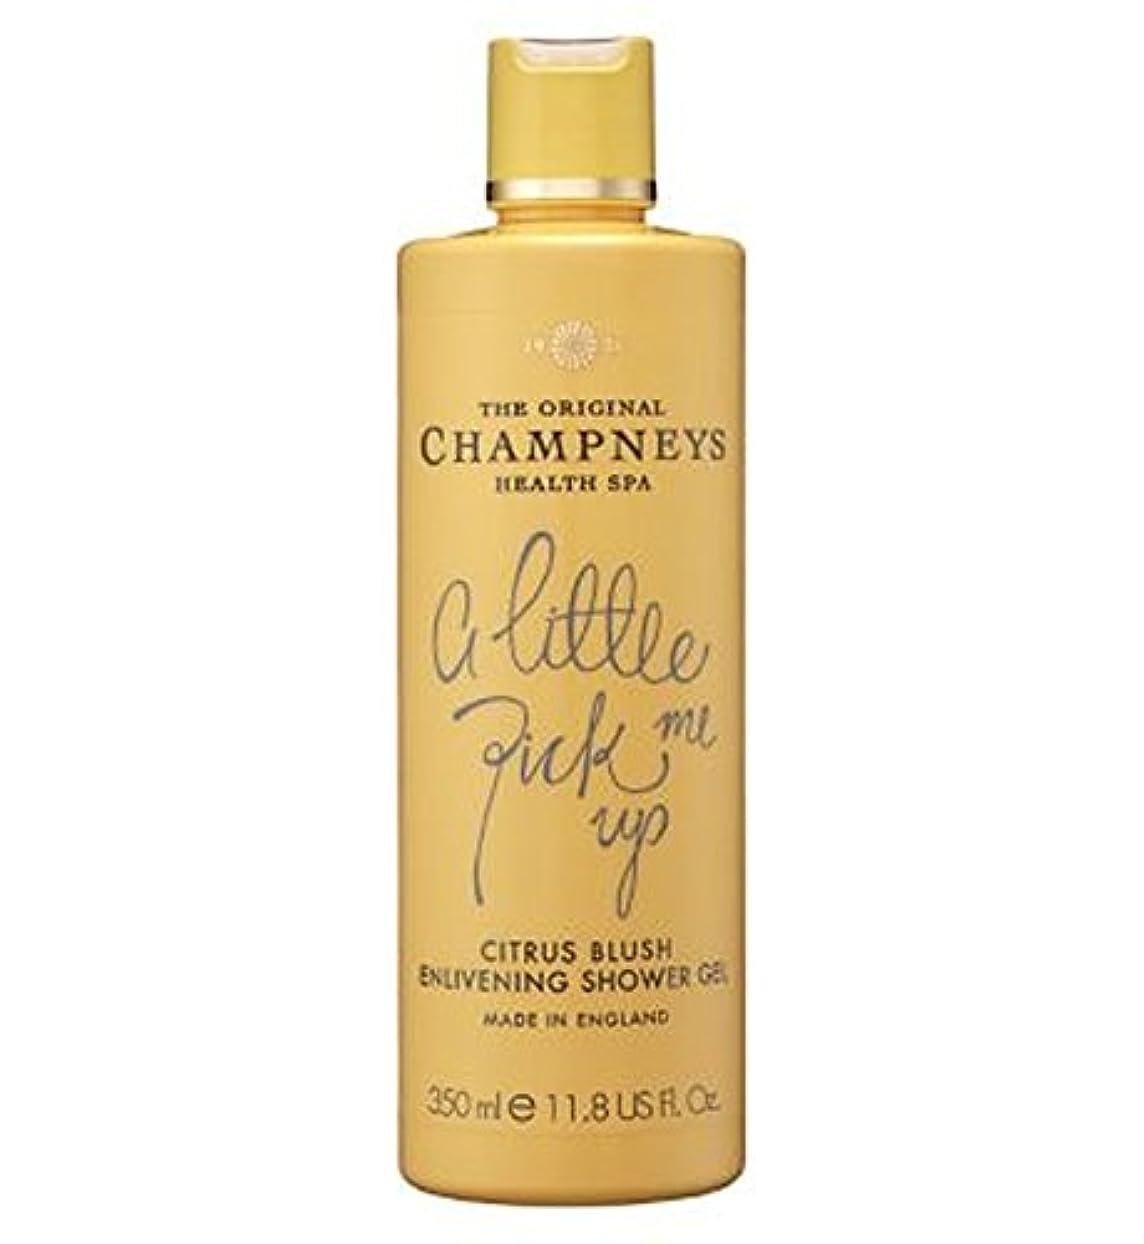 シャット偽善者男らしいChampneys Citrus Blush Enlivening Shower Gel 350ml - チャンプニーズシトラス赤面盛り上げシャワージェル350ミリリットル (Champneys) [並行輸入品]